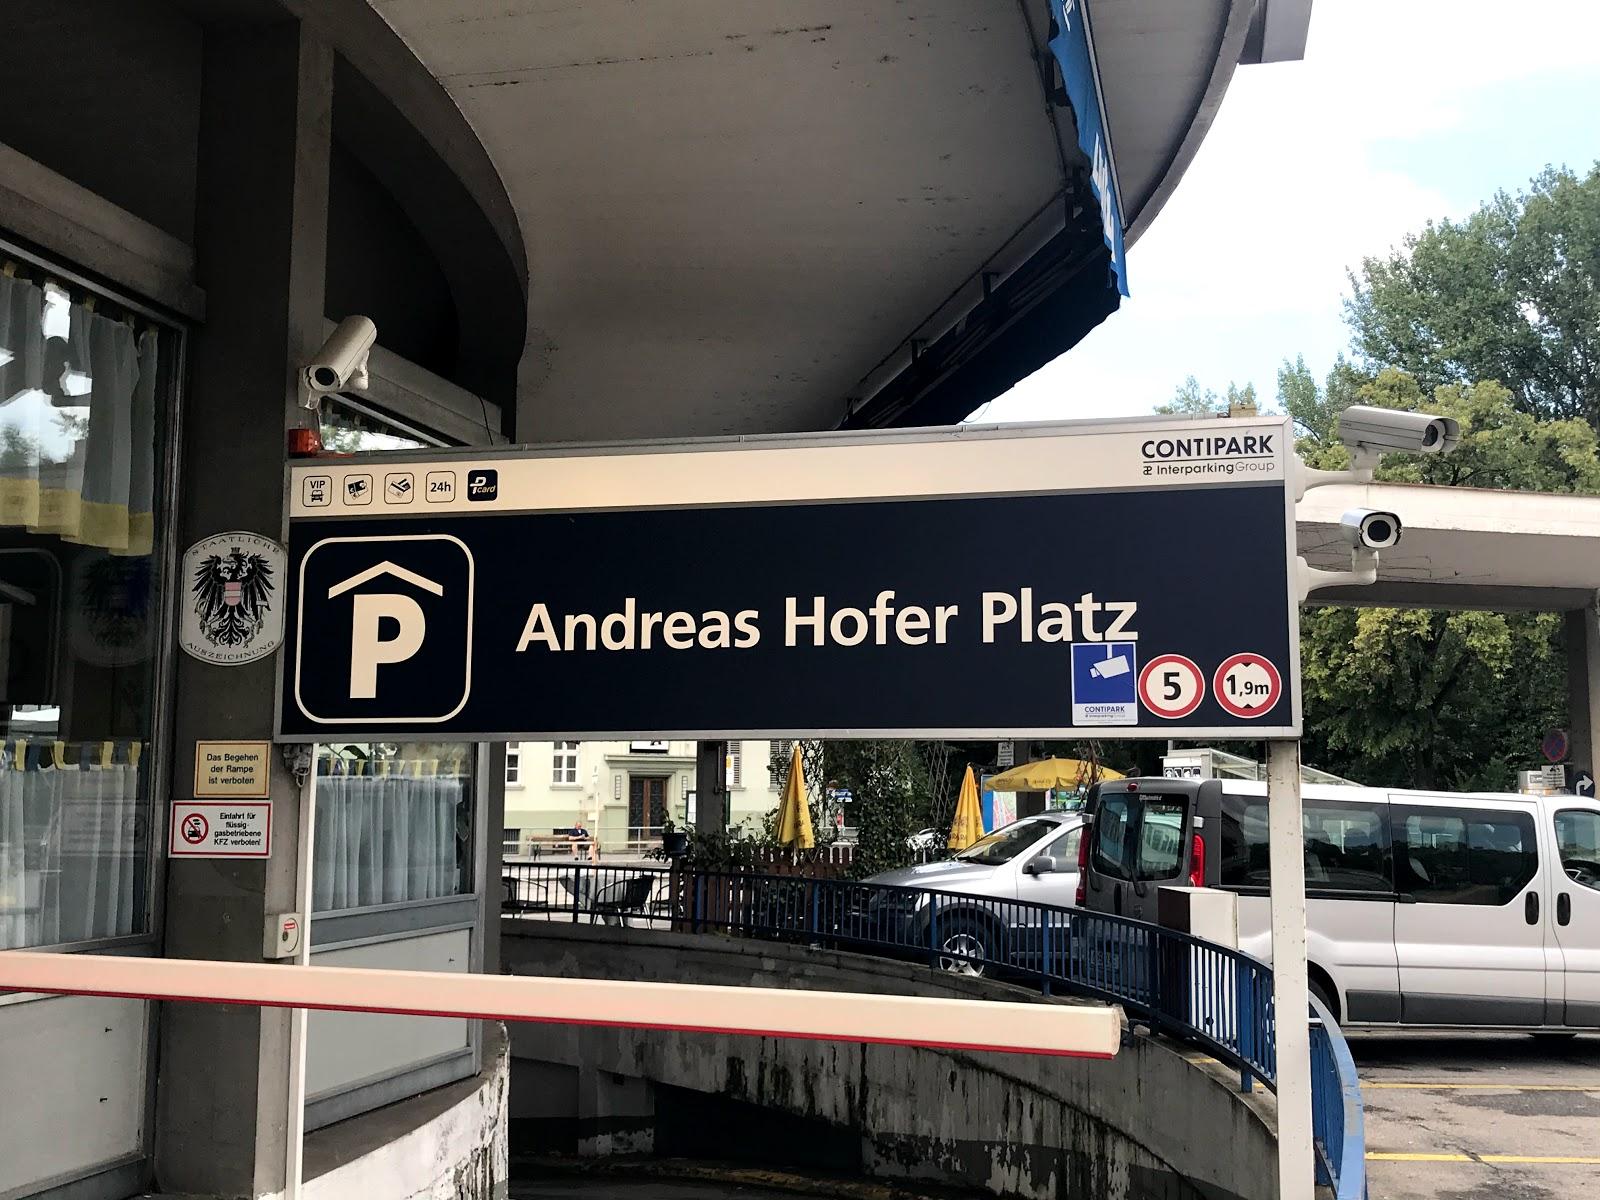 Ihr wollt einen Kurtripp von nur 24 Stunden planen und wisst nicht wohin? Wie wär es denn mit Graz? In meinem heutigen Blogpost erfahrt ihr alles zu den günstigen Parkmöglichkeiten in Graz sowie leckeren Gastros, Kaffees und Sehenswürdigkeiten in Umkreis von maximal 10 Gehminuten. Schaut vorbei und seit gespannt auf www.moreaboutdanie.at